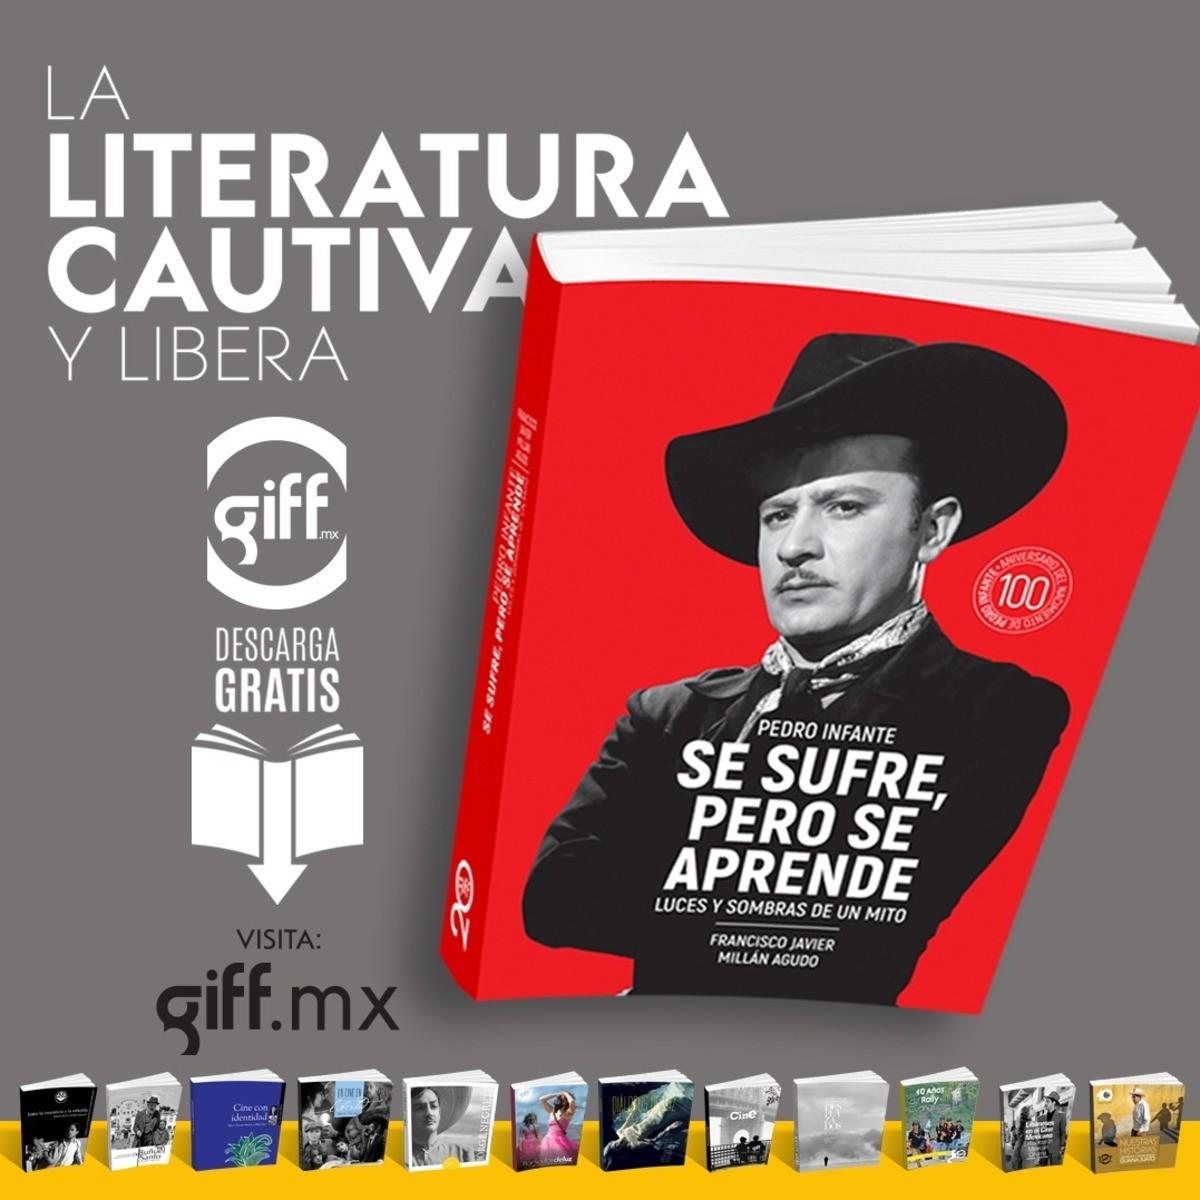 Biblioteca - GIFF